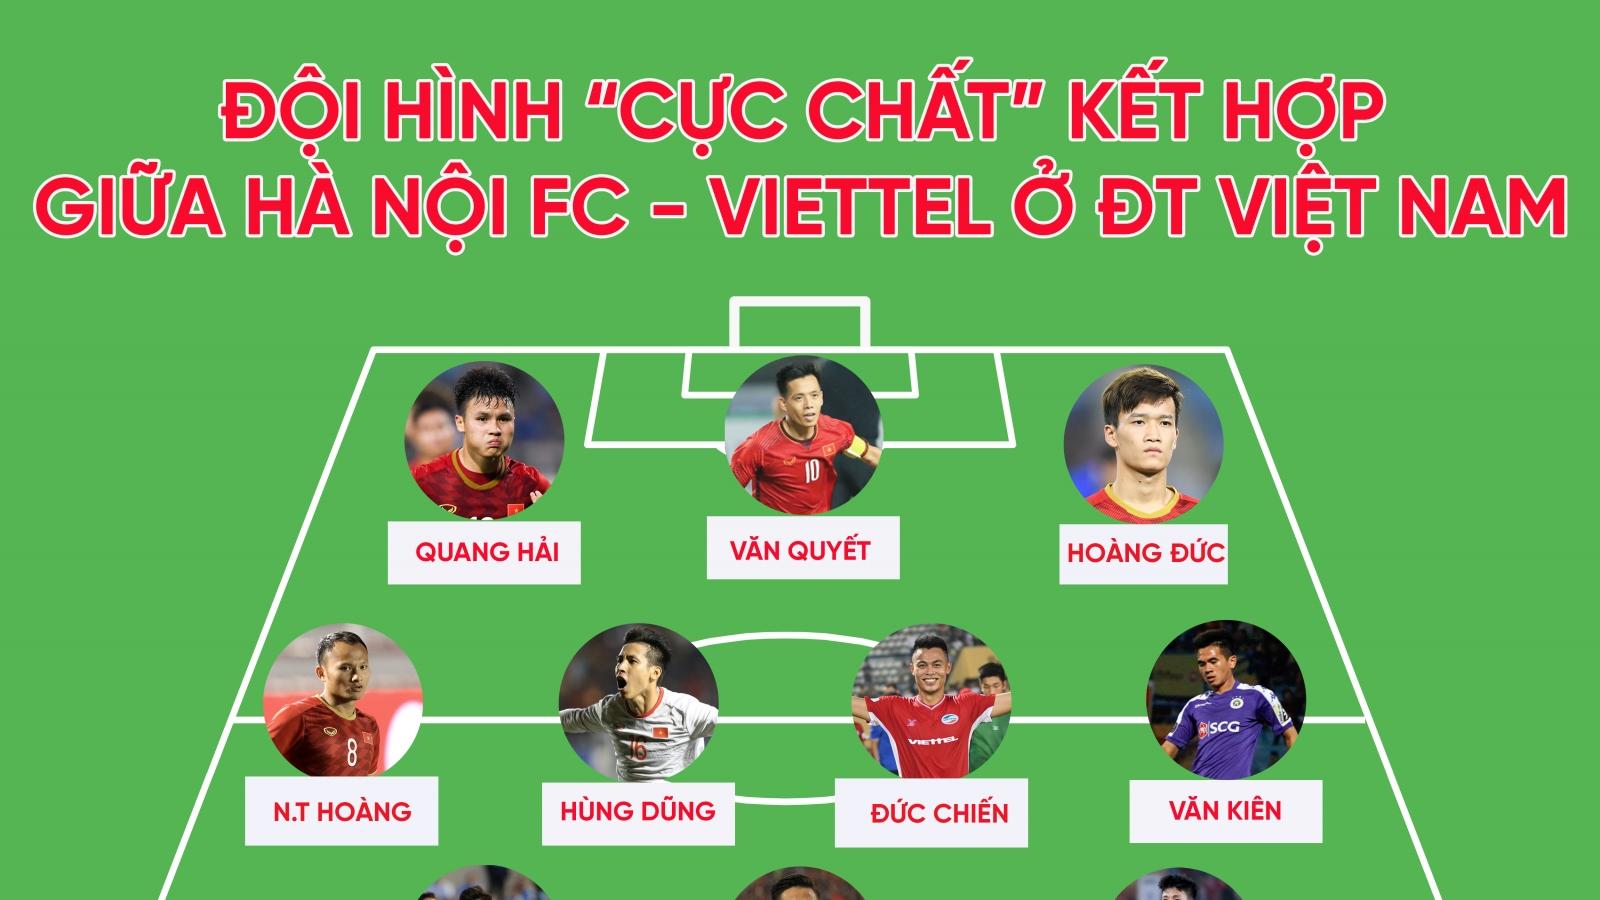 """Đội hình """"cực chất"""" kết hợp giữa Hà Nội FC với Viettel ở ĐT Việt Nam"""